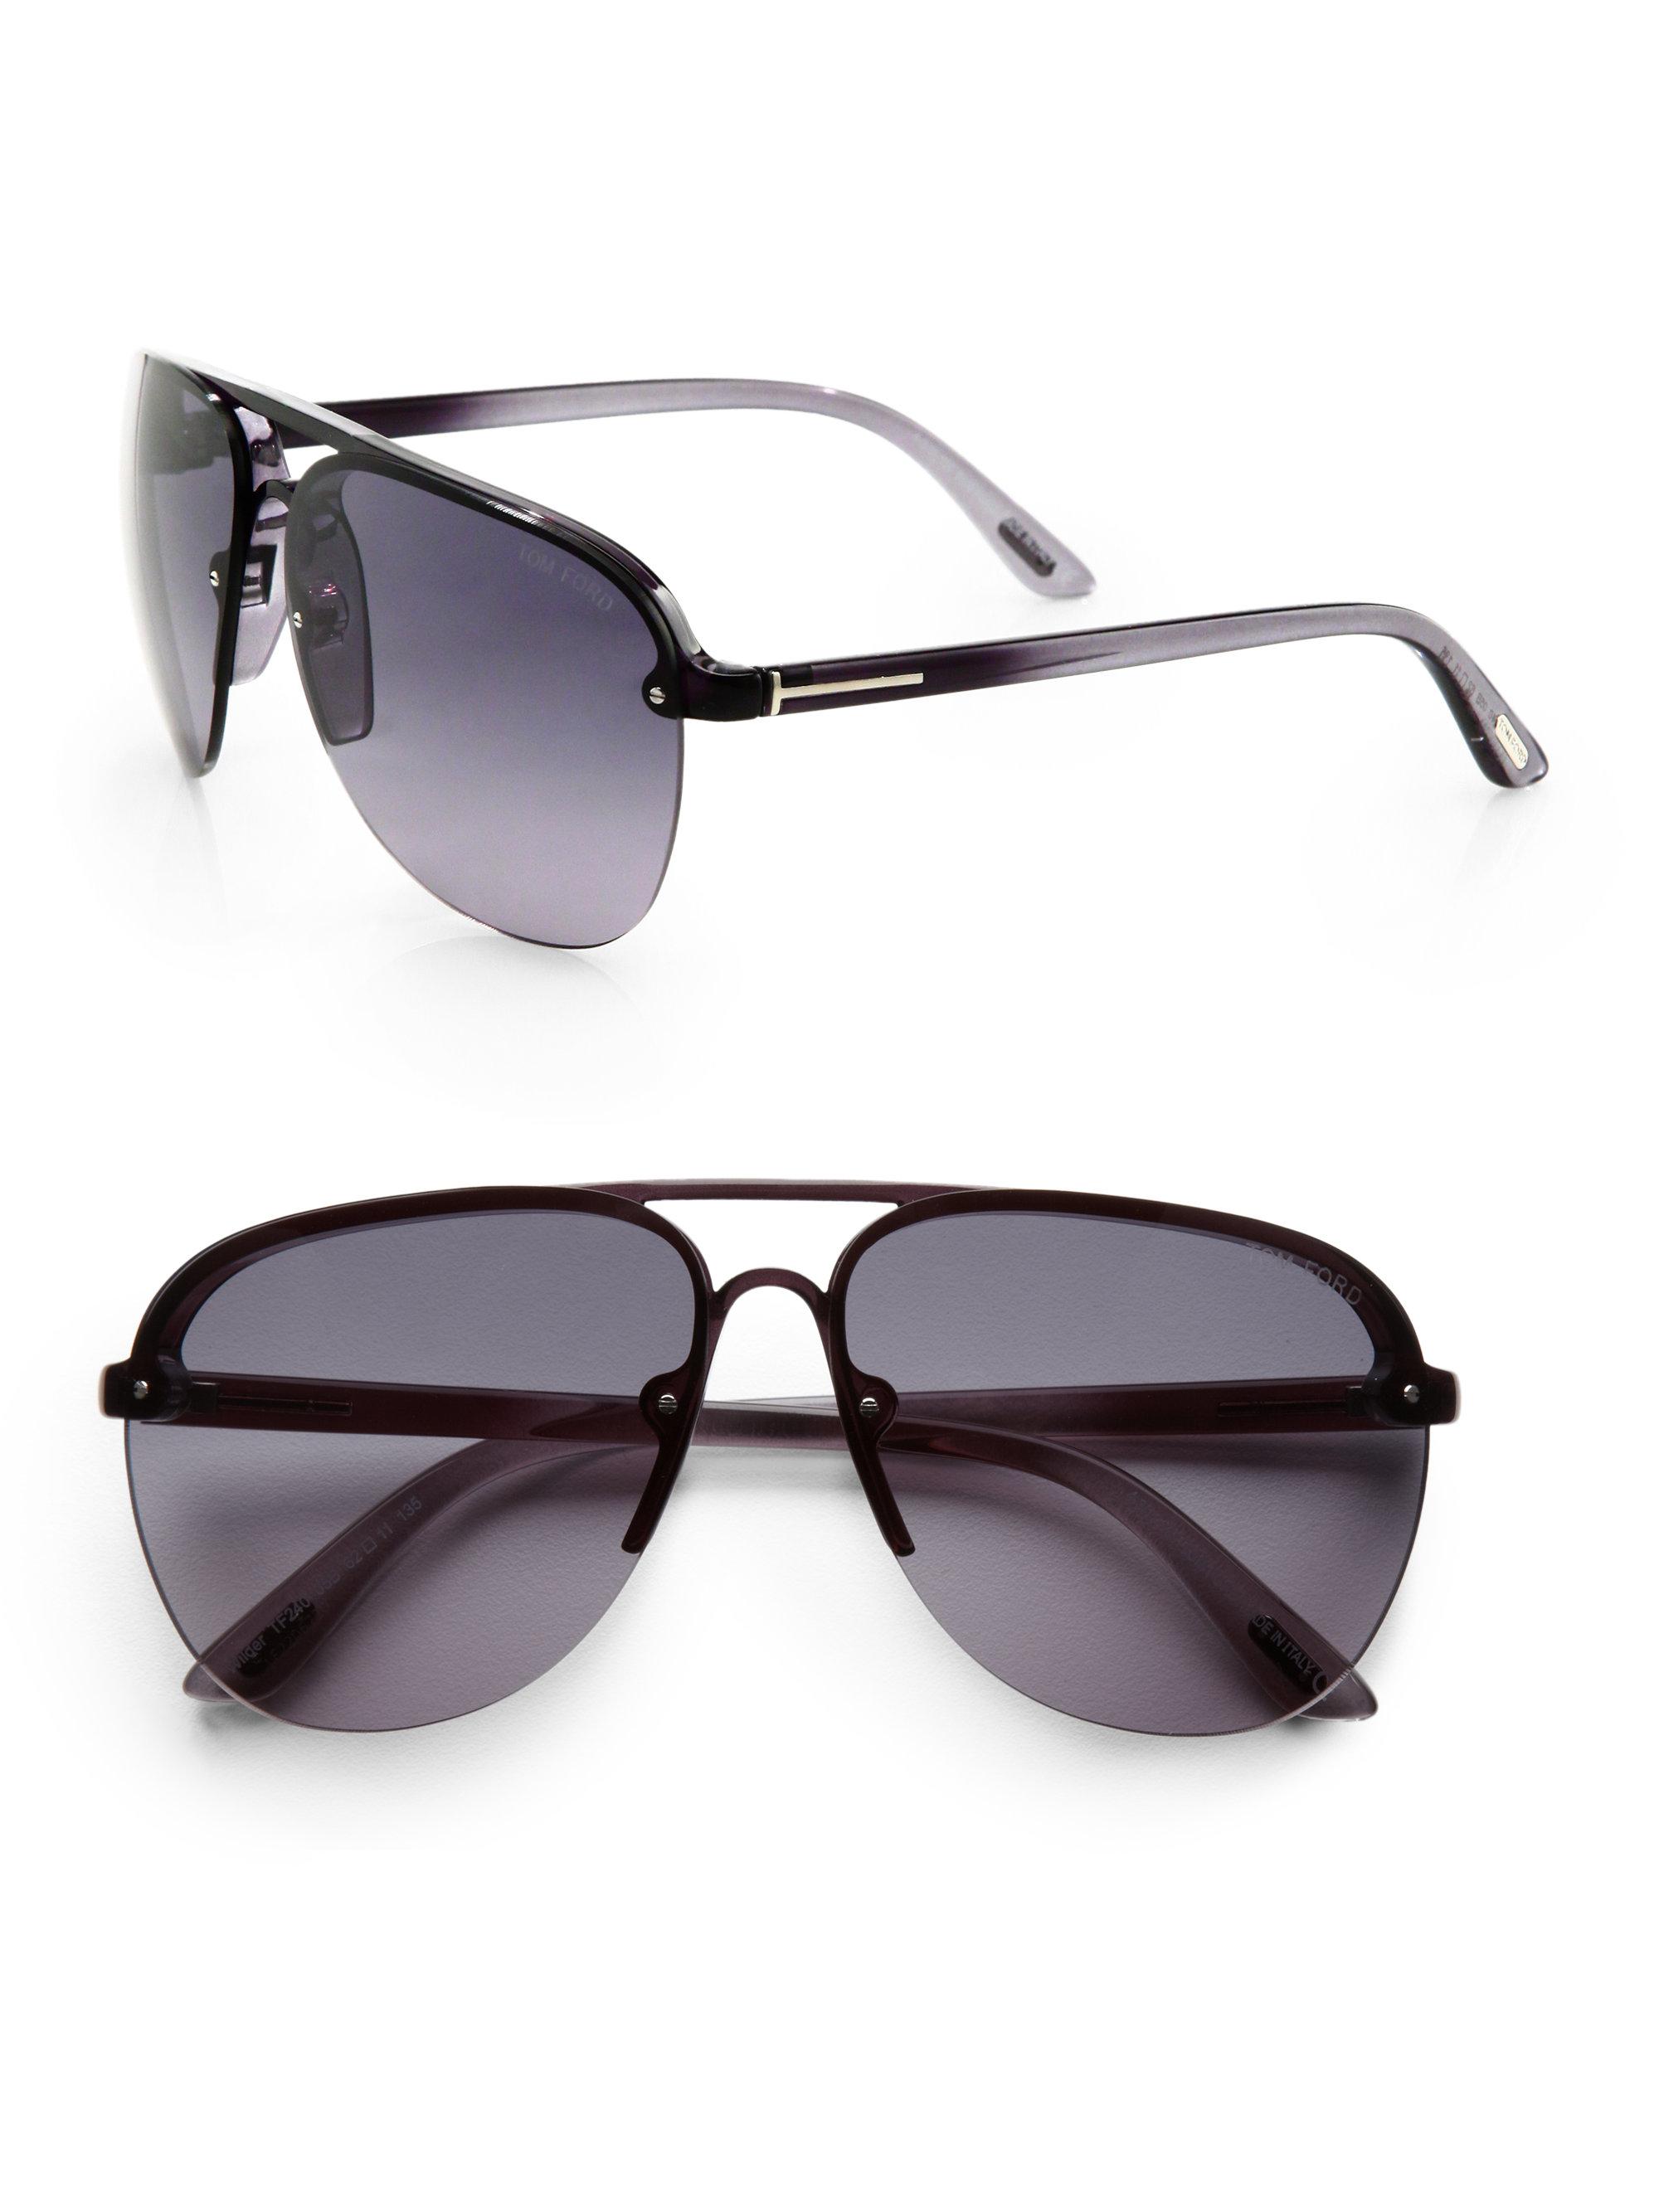 a2556efb3793 Lyst - Tom ford Wilder Aviator Sunglasses in Black for Men